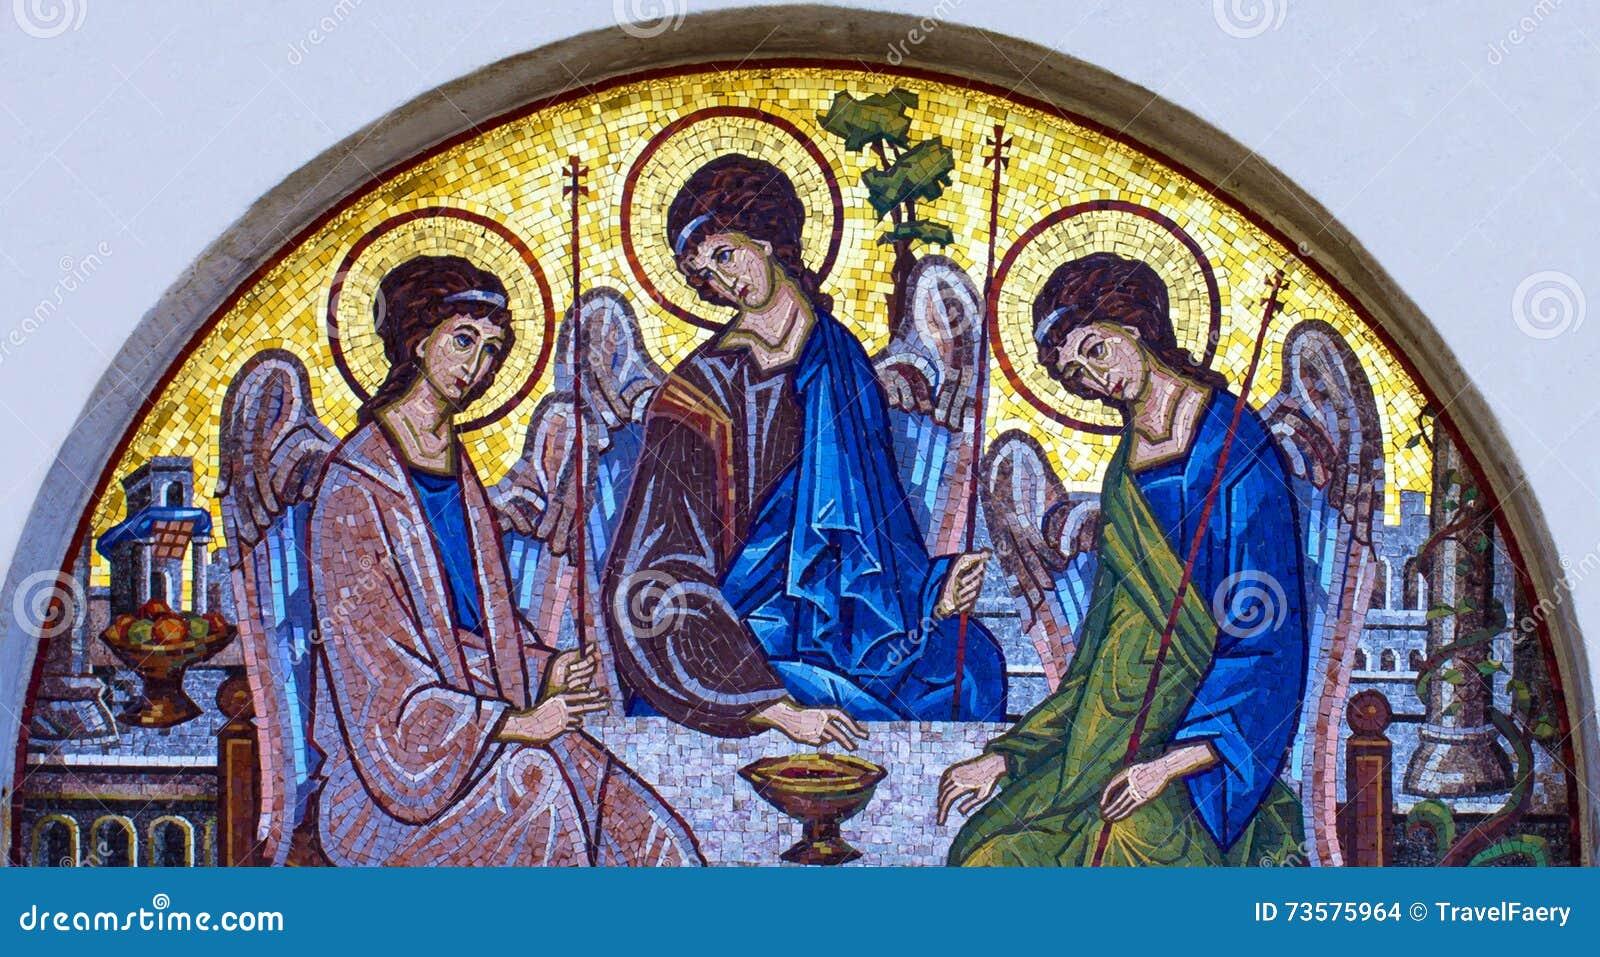 Ícone do mosaico da trindade santamente na igreja ortodoxa, Budva, Montenegr